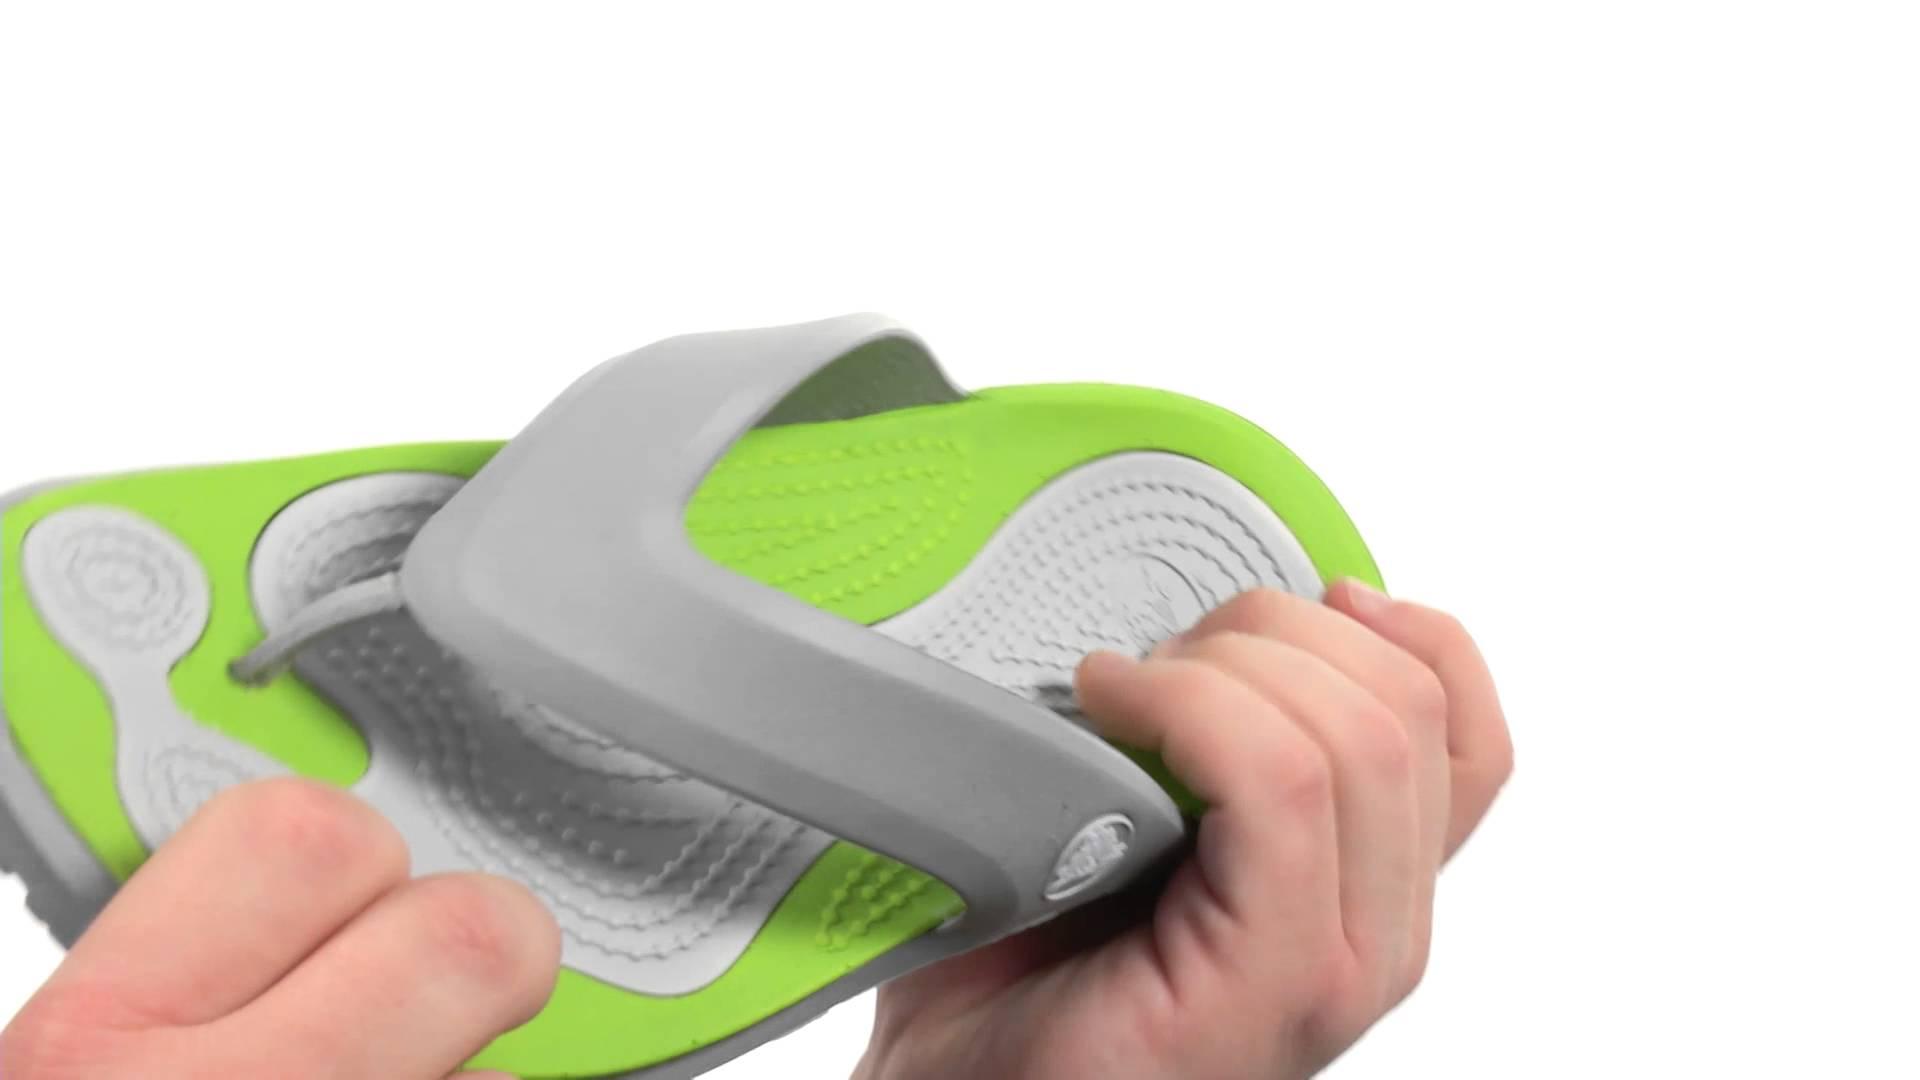 Flip Flop Crocs | Crocs Modi Flip Flop | Croc Thong Sandals